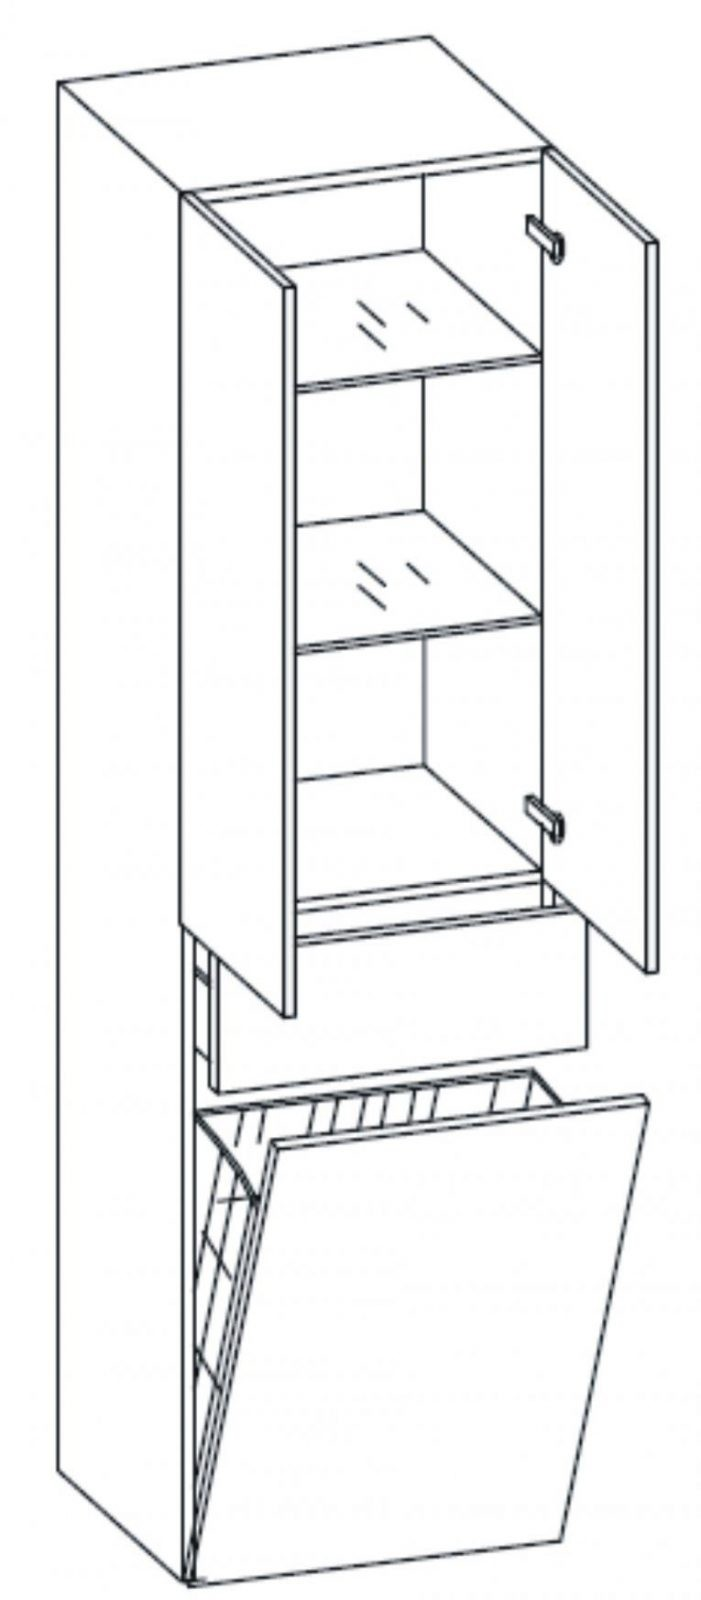 Badezimmer Hochschrank Mit Wäschekorb Am Besten Bild Und Badschrank von Badschrank Mit Integriertem Wäschekorb Photo